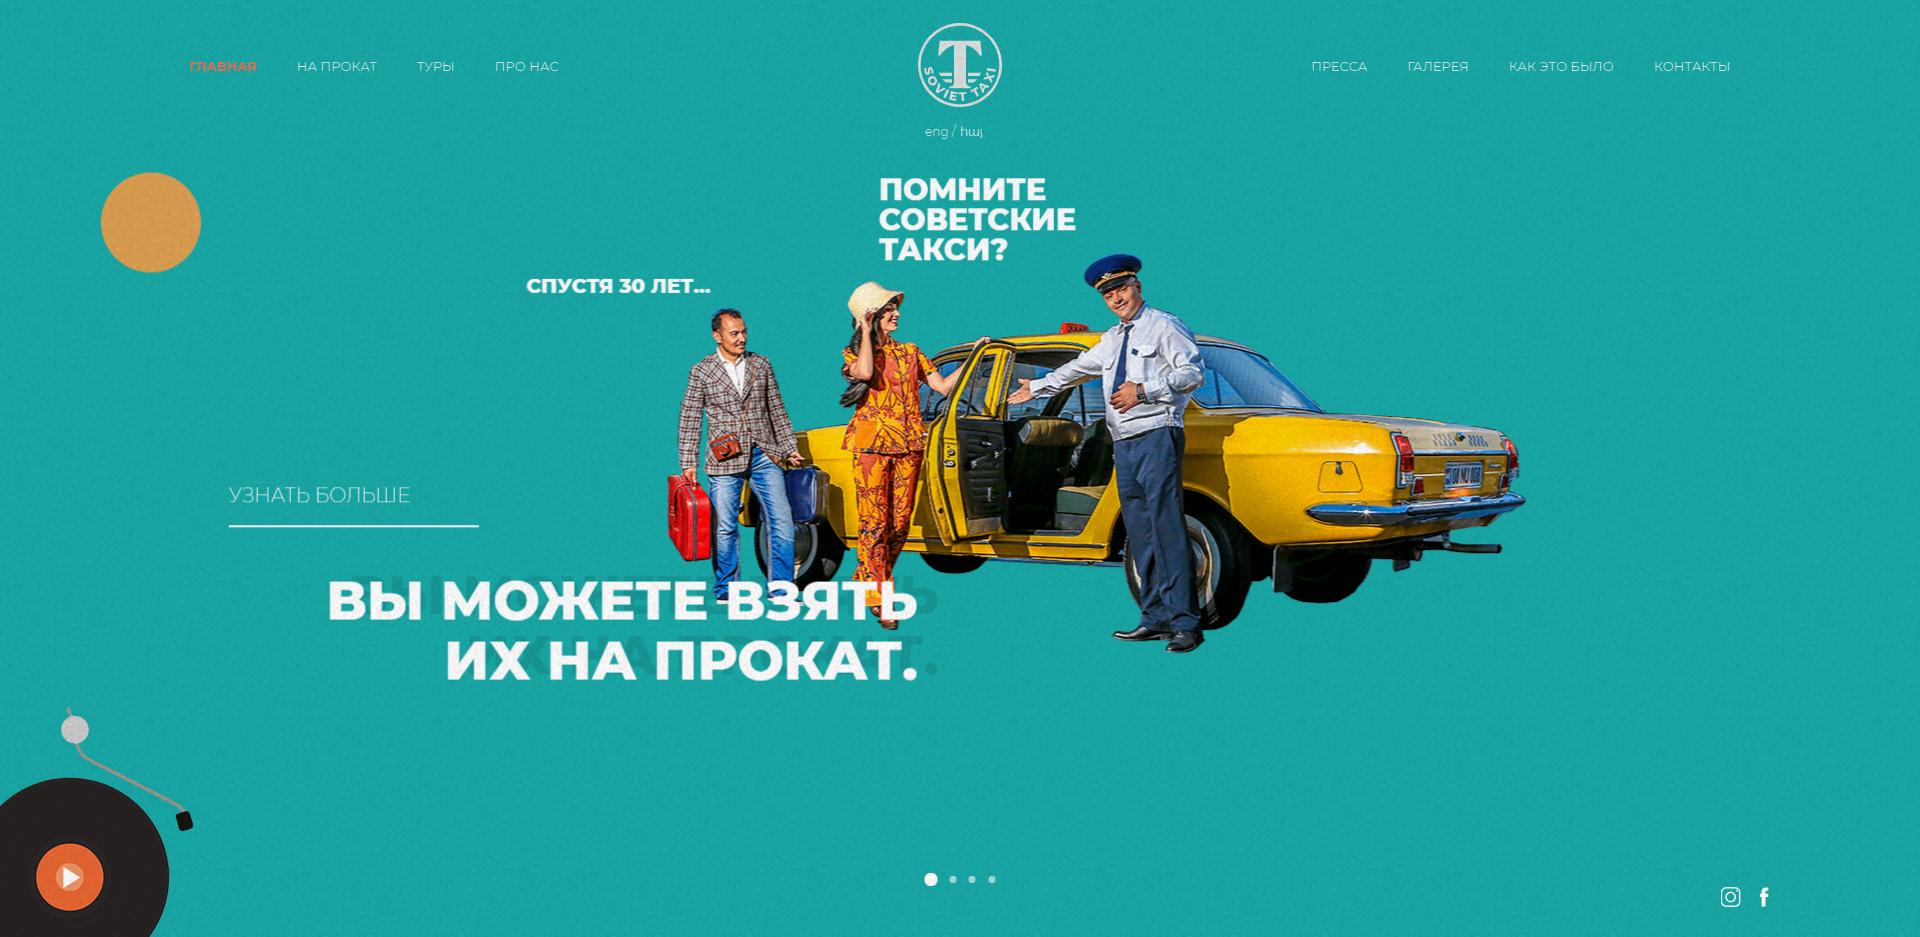 Website Design Trends 2019;Retro Design